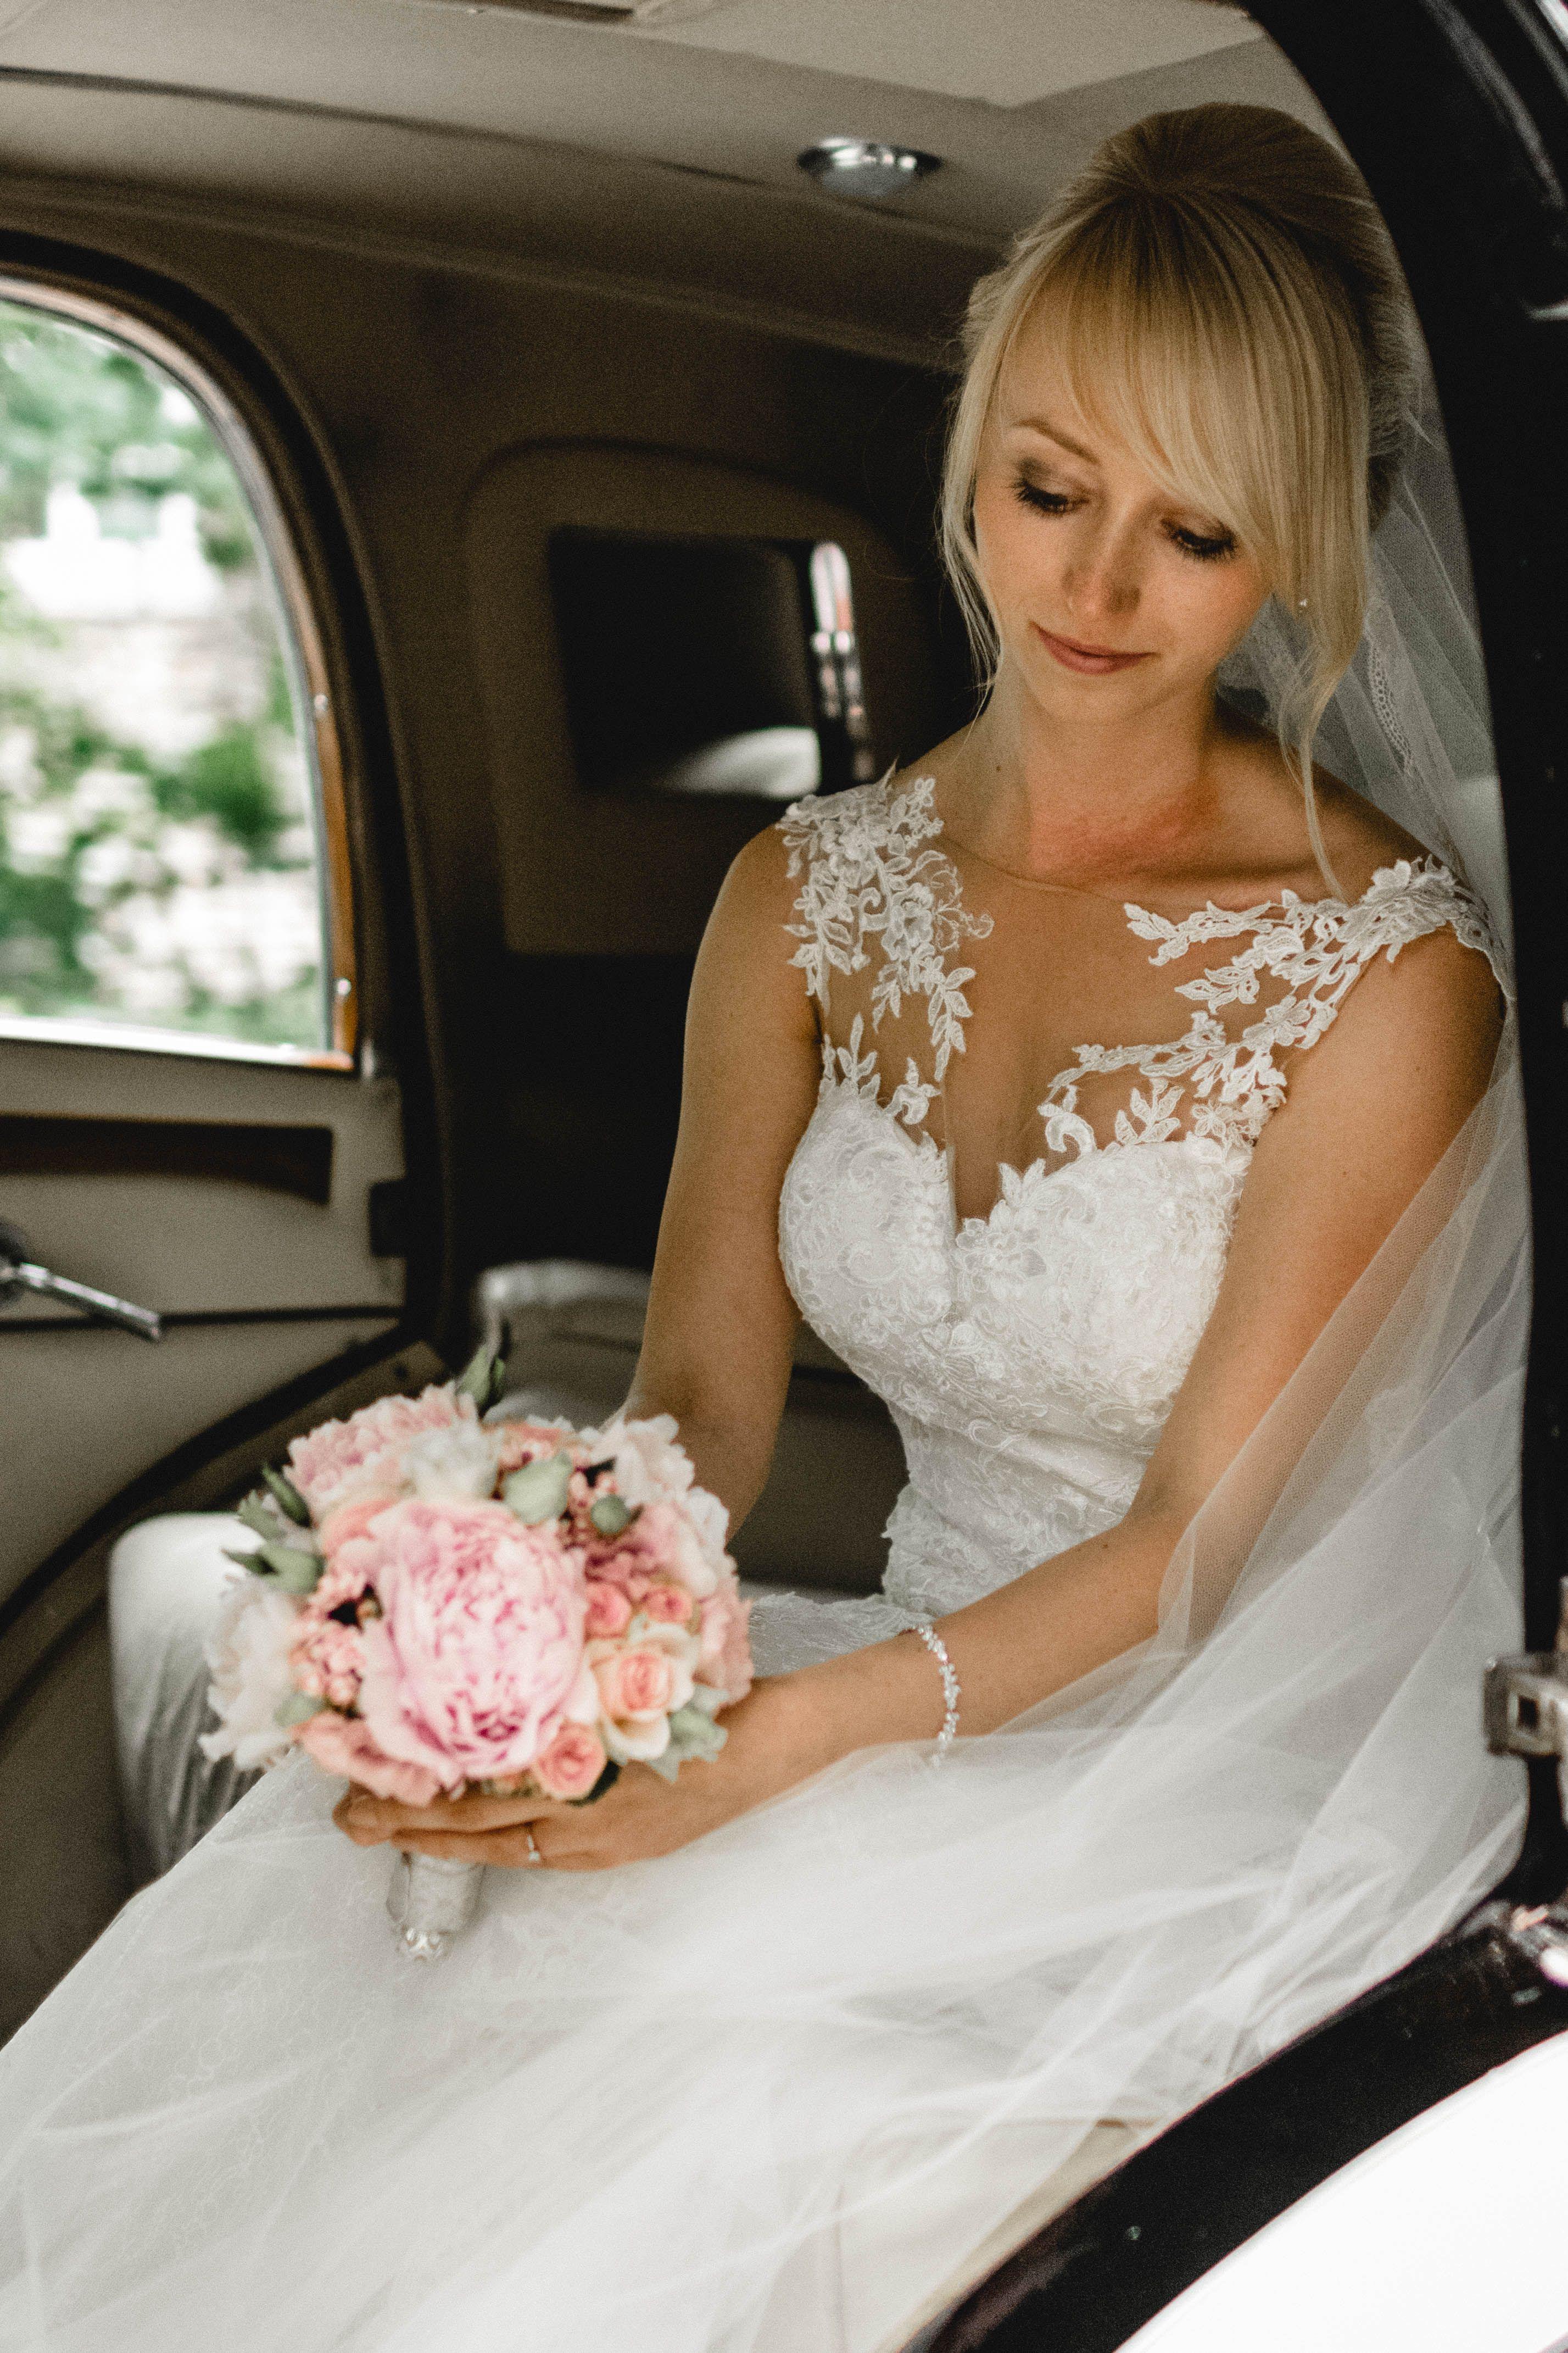 Faszinierend Ideen Für Hochzeitsfotos Referenz Von Hochzeit, Hochzeitsfoto, Ideen, Hochzeitsbild, Wedding Picture, Brautkleid,